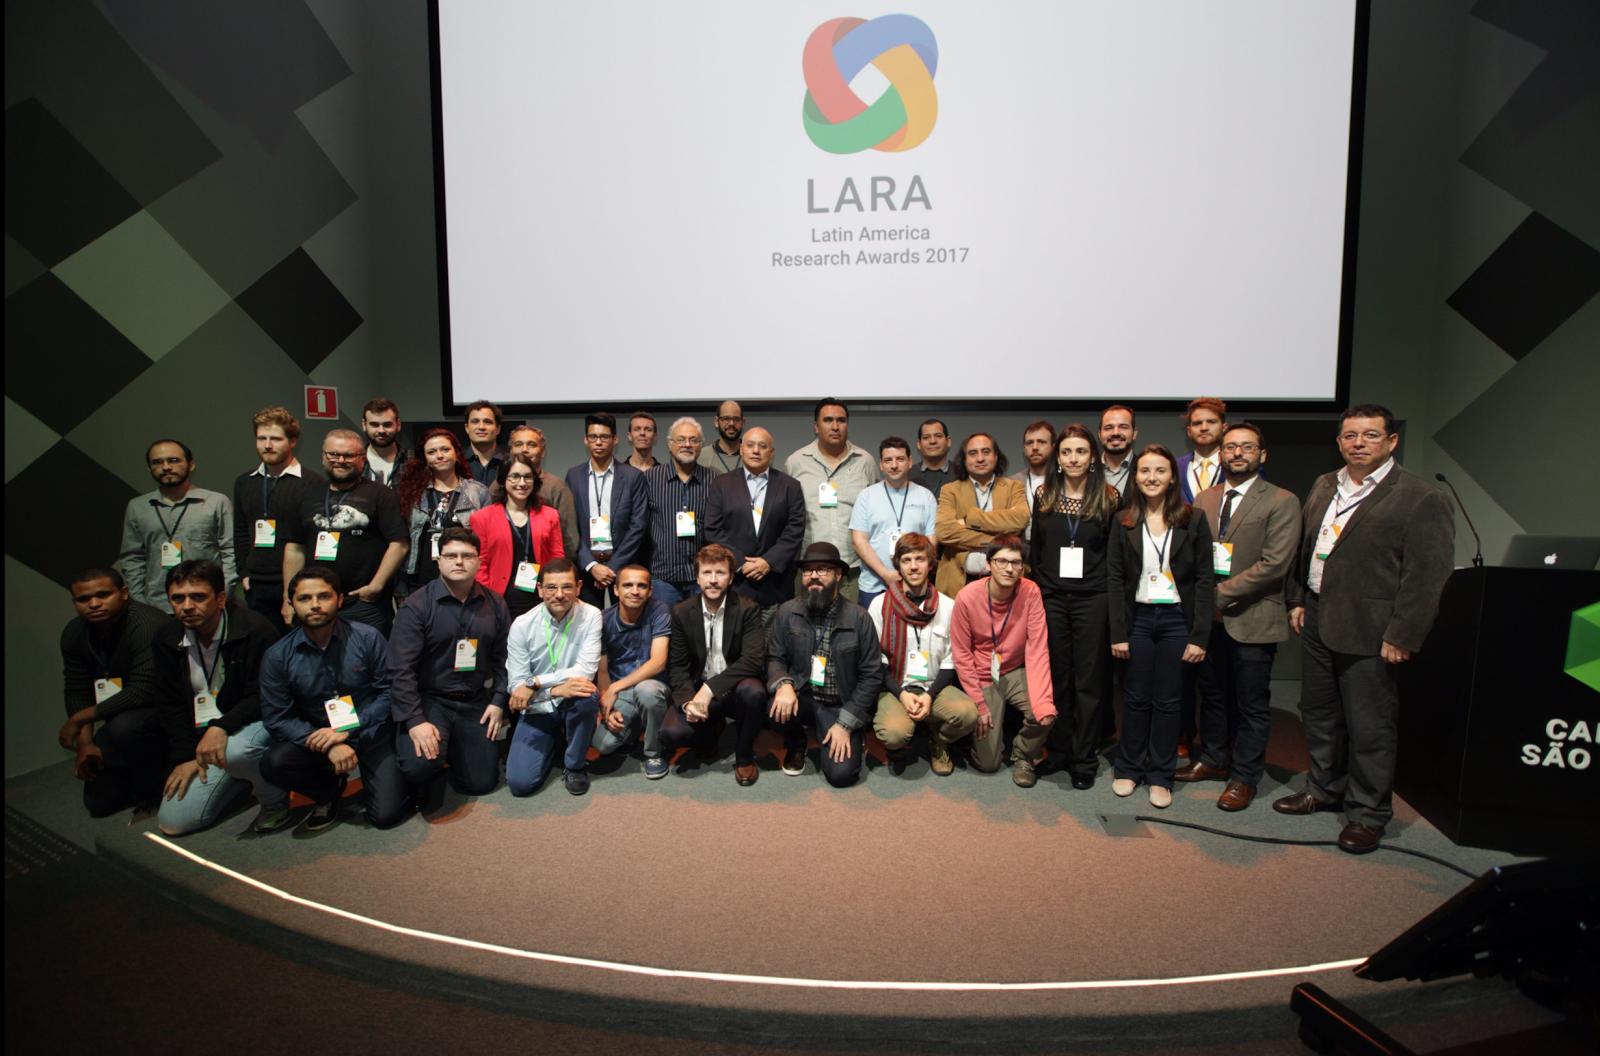 Grupo de pessoas que tiveram os projetos selecionados no LARA 2017 (Foto: Divulgação/ Google)